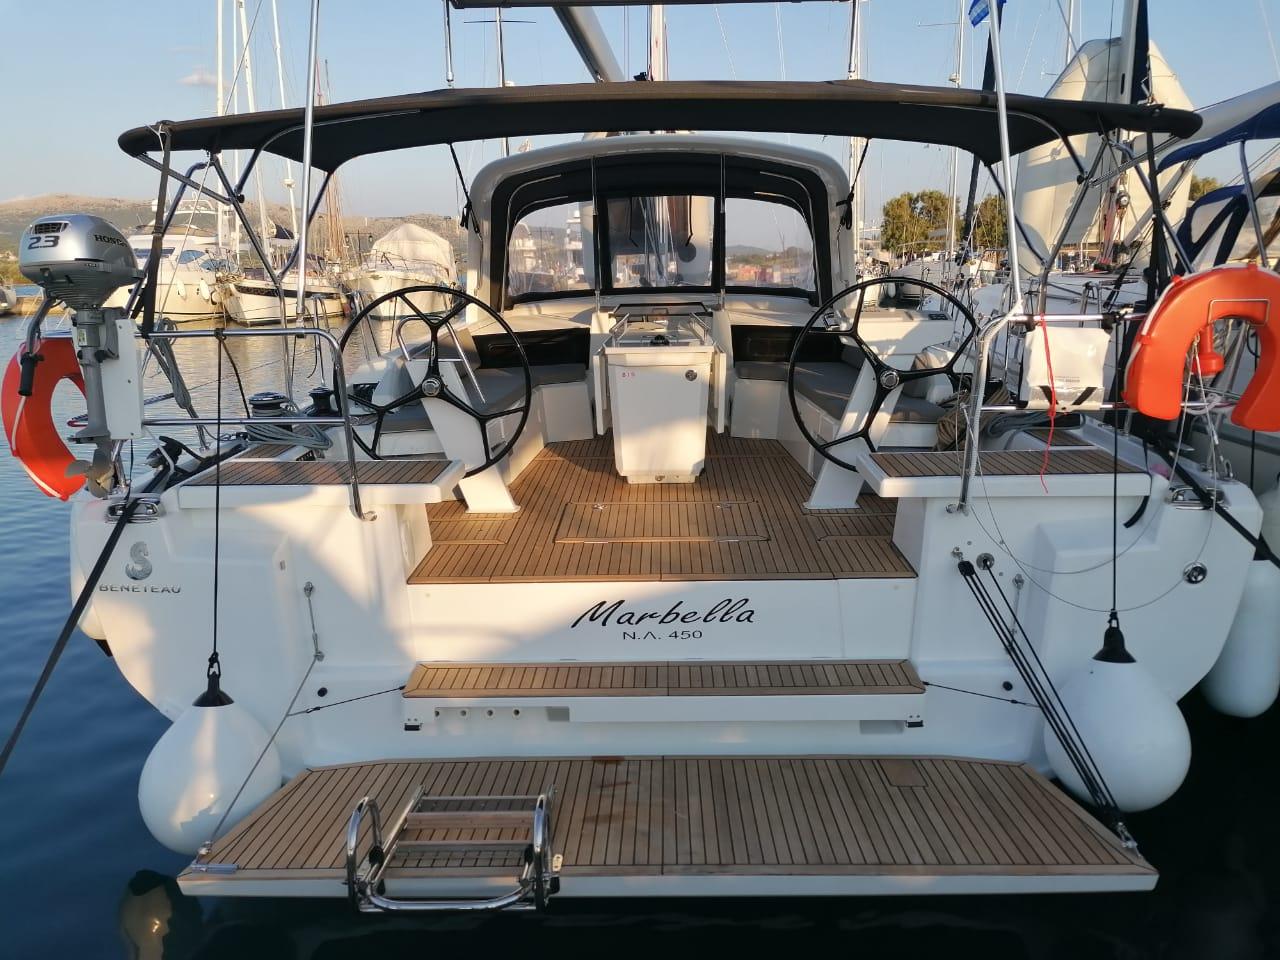 Oceanis 46.1 (Marbella ) Main image - 0